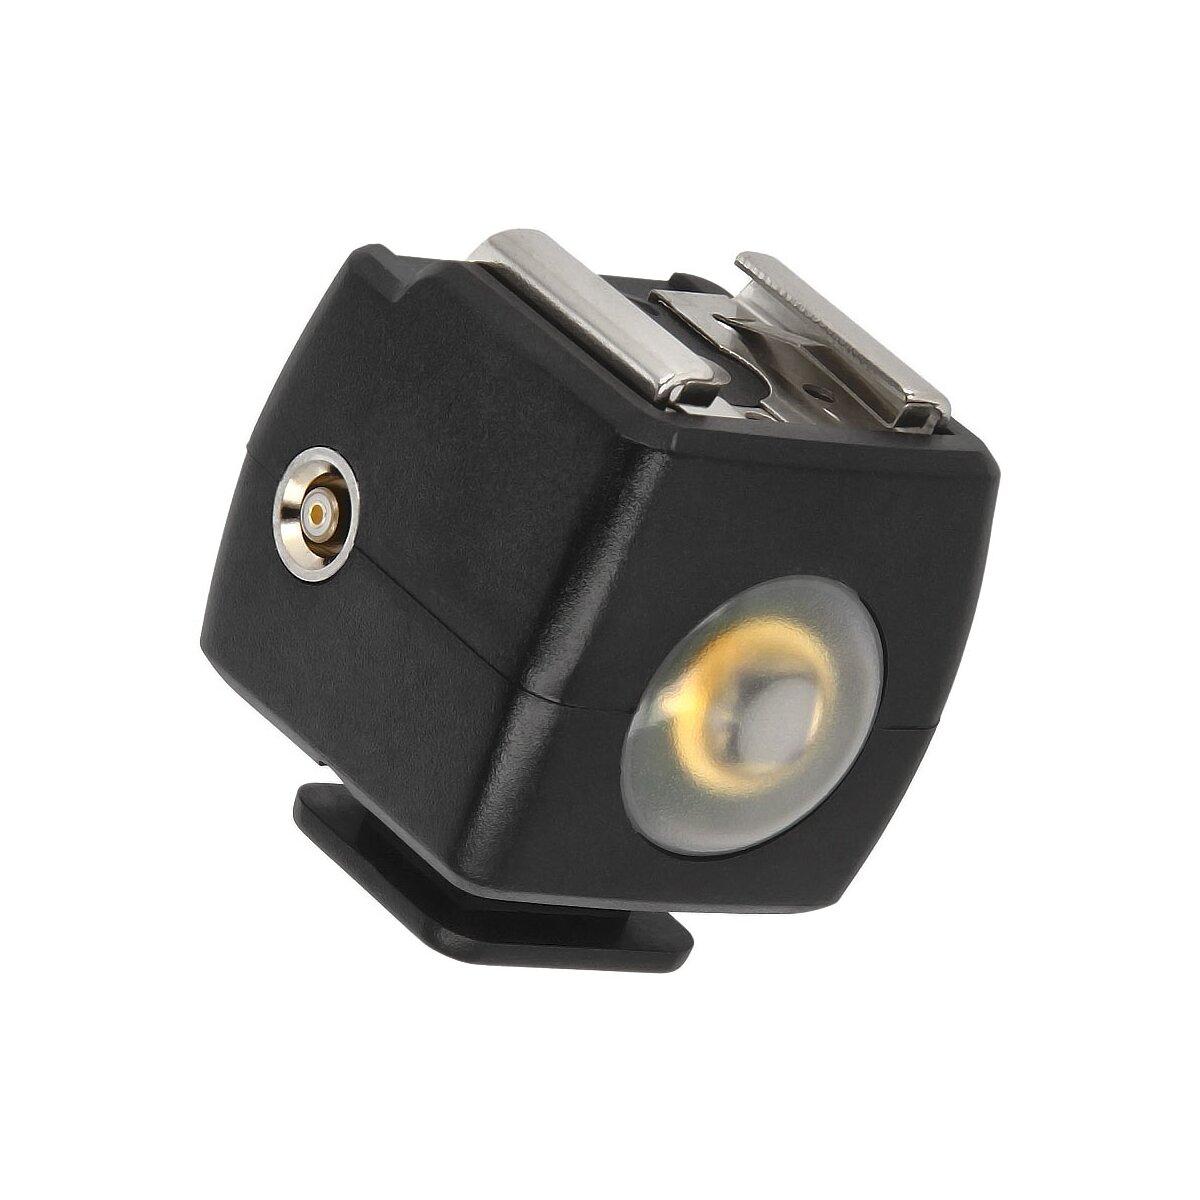 JJC Blitzauslöser kompatibel mit nahezu alle Canon Aufsteckblitze löst aus bis zu 20m Entfernung